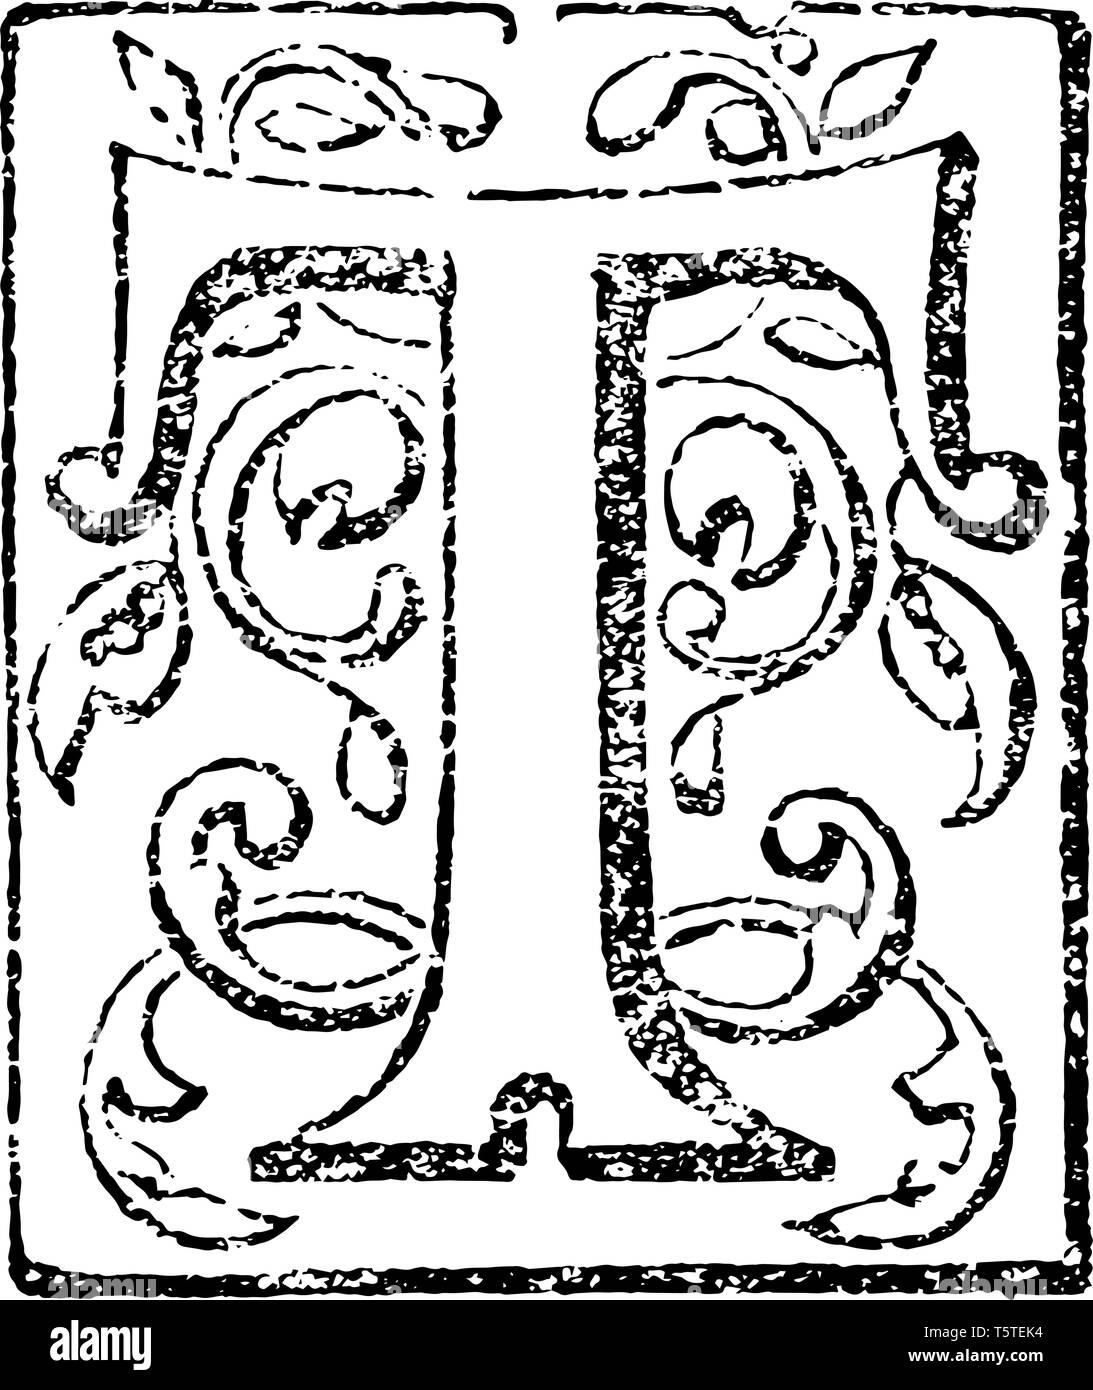 Una Imagen De Una Letra T Decorativos Enmarcados Con Flores